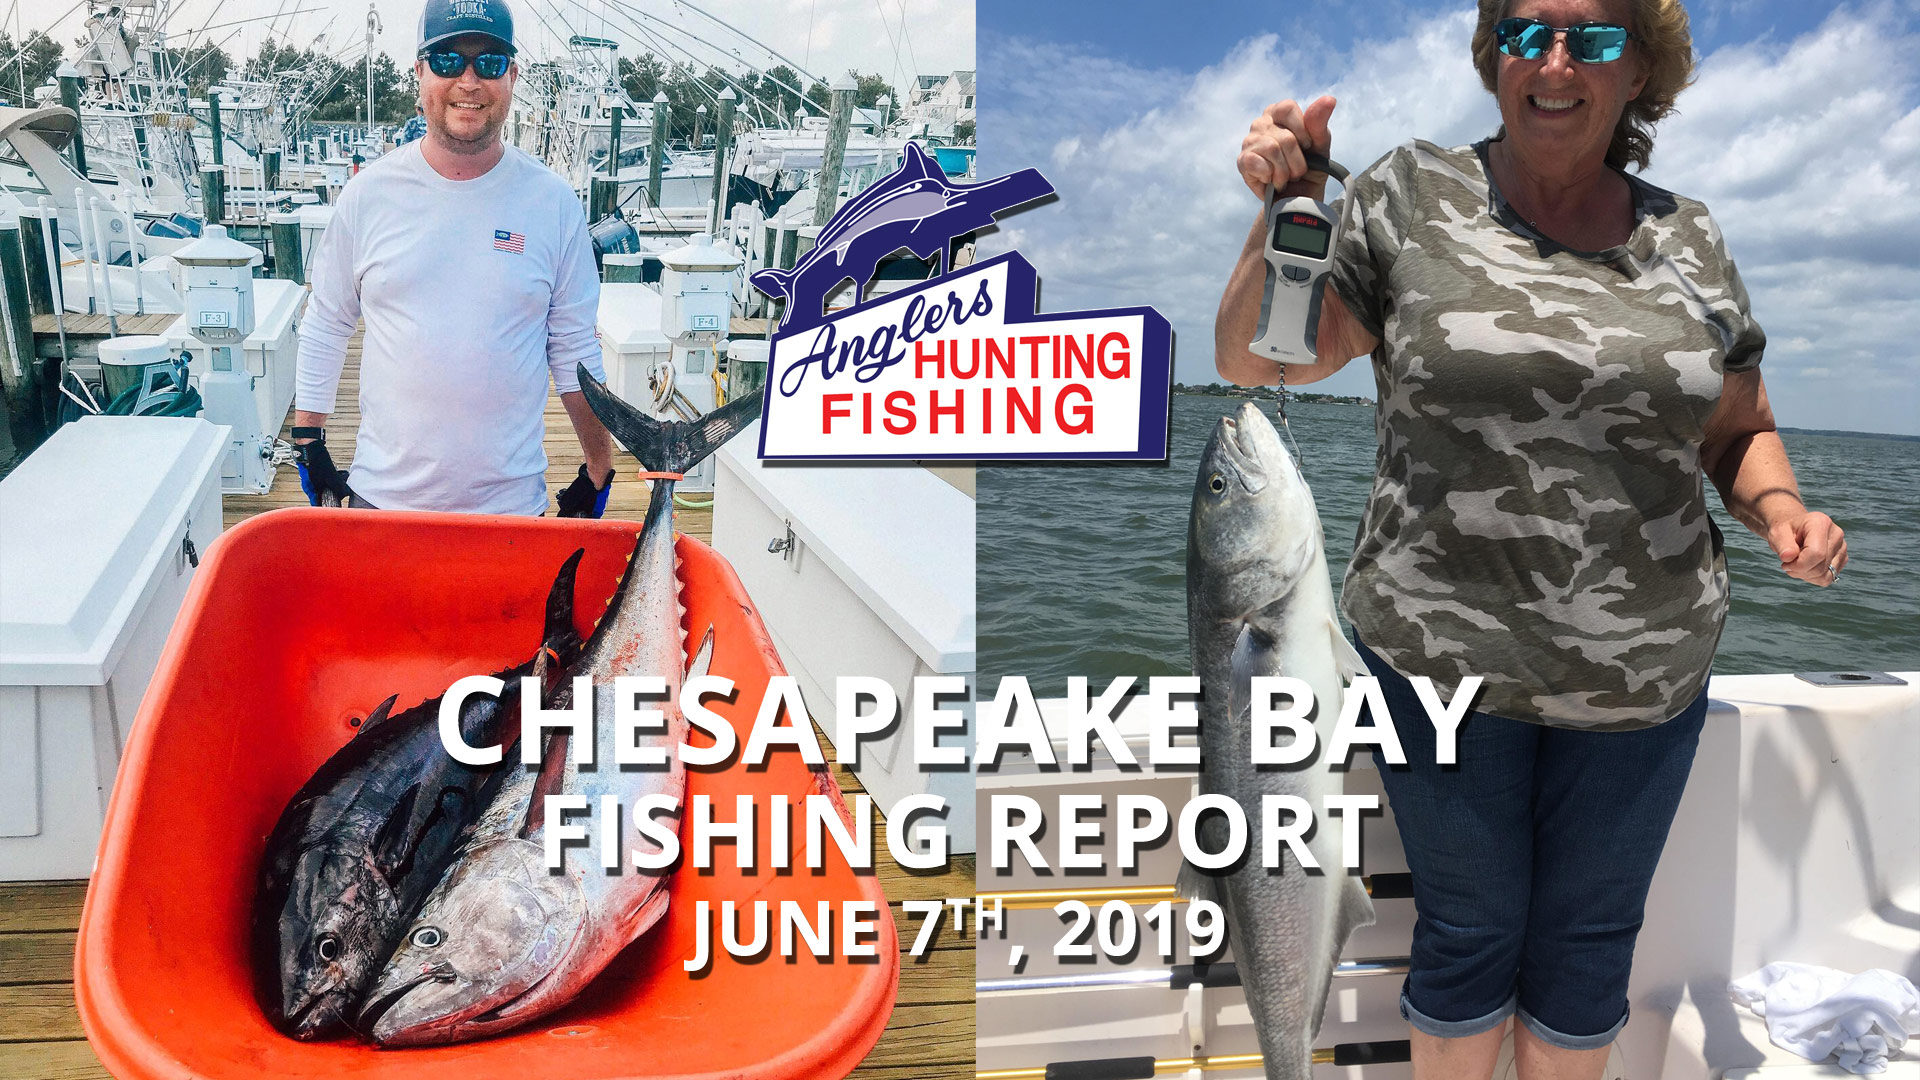 Chesapeake Bay Fishing Report - June 7th, 2019